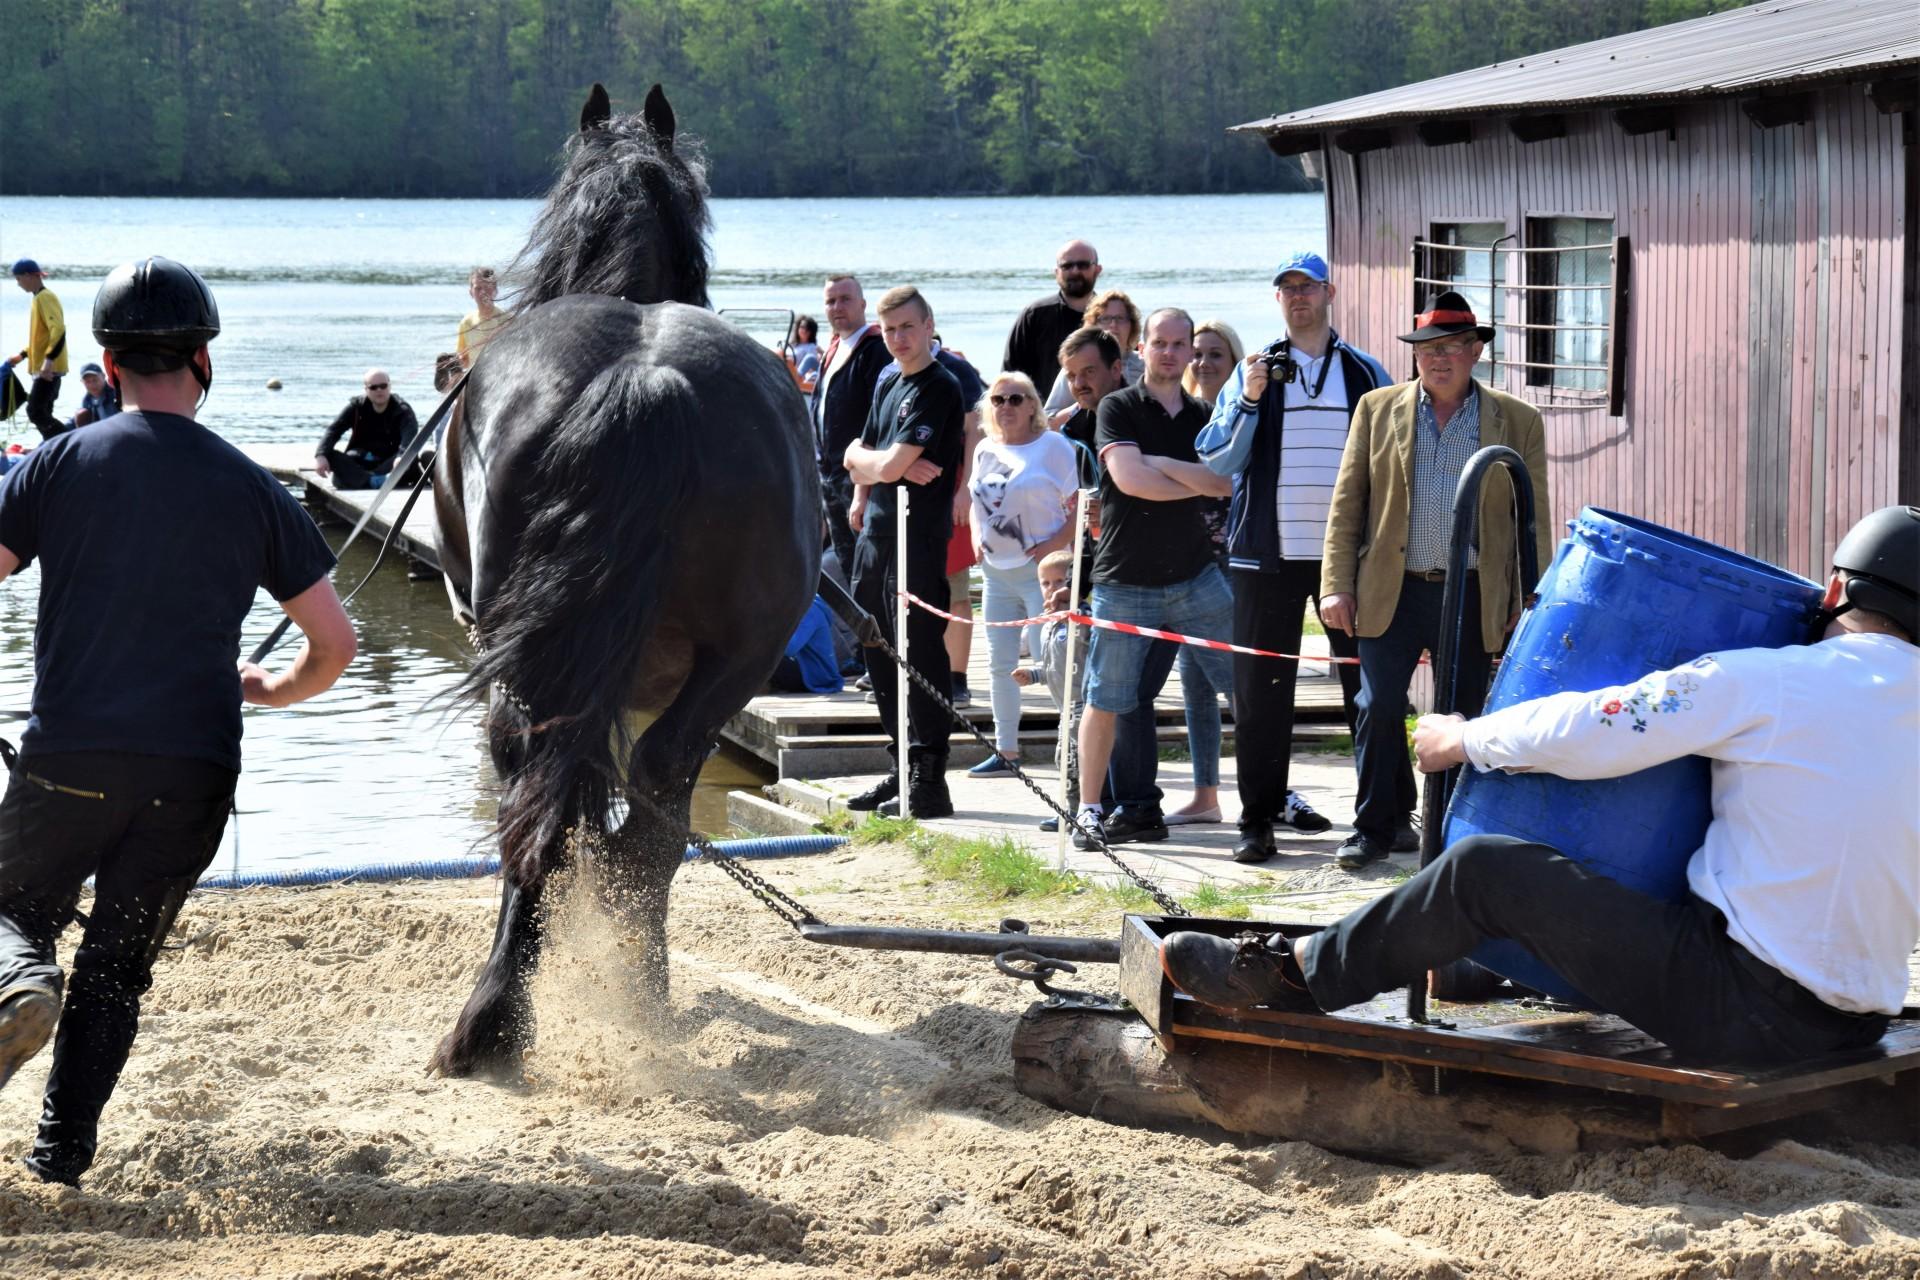 Konie, Kaszuby, Wiśta wio! Zawody w Ostrzycach [FOTOREPORTAŻ] 19